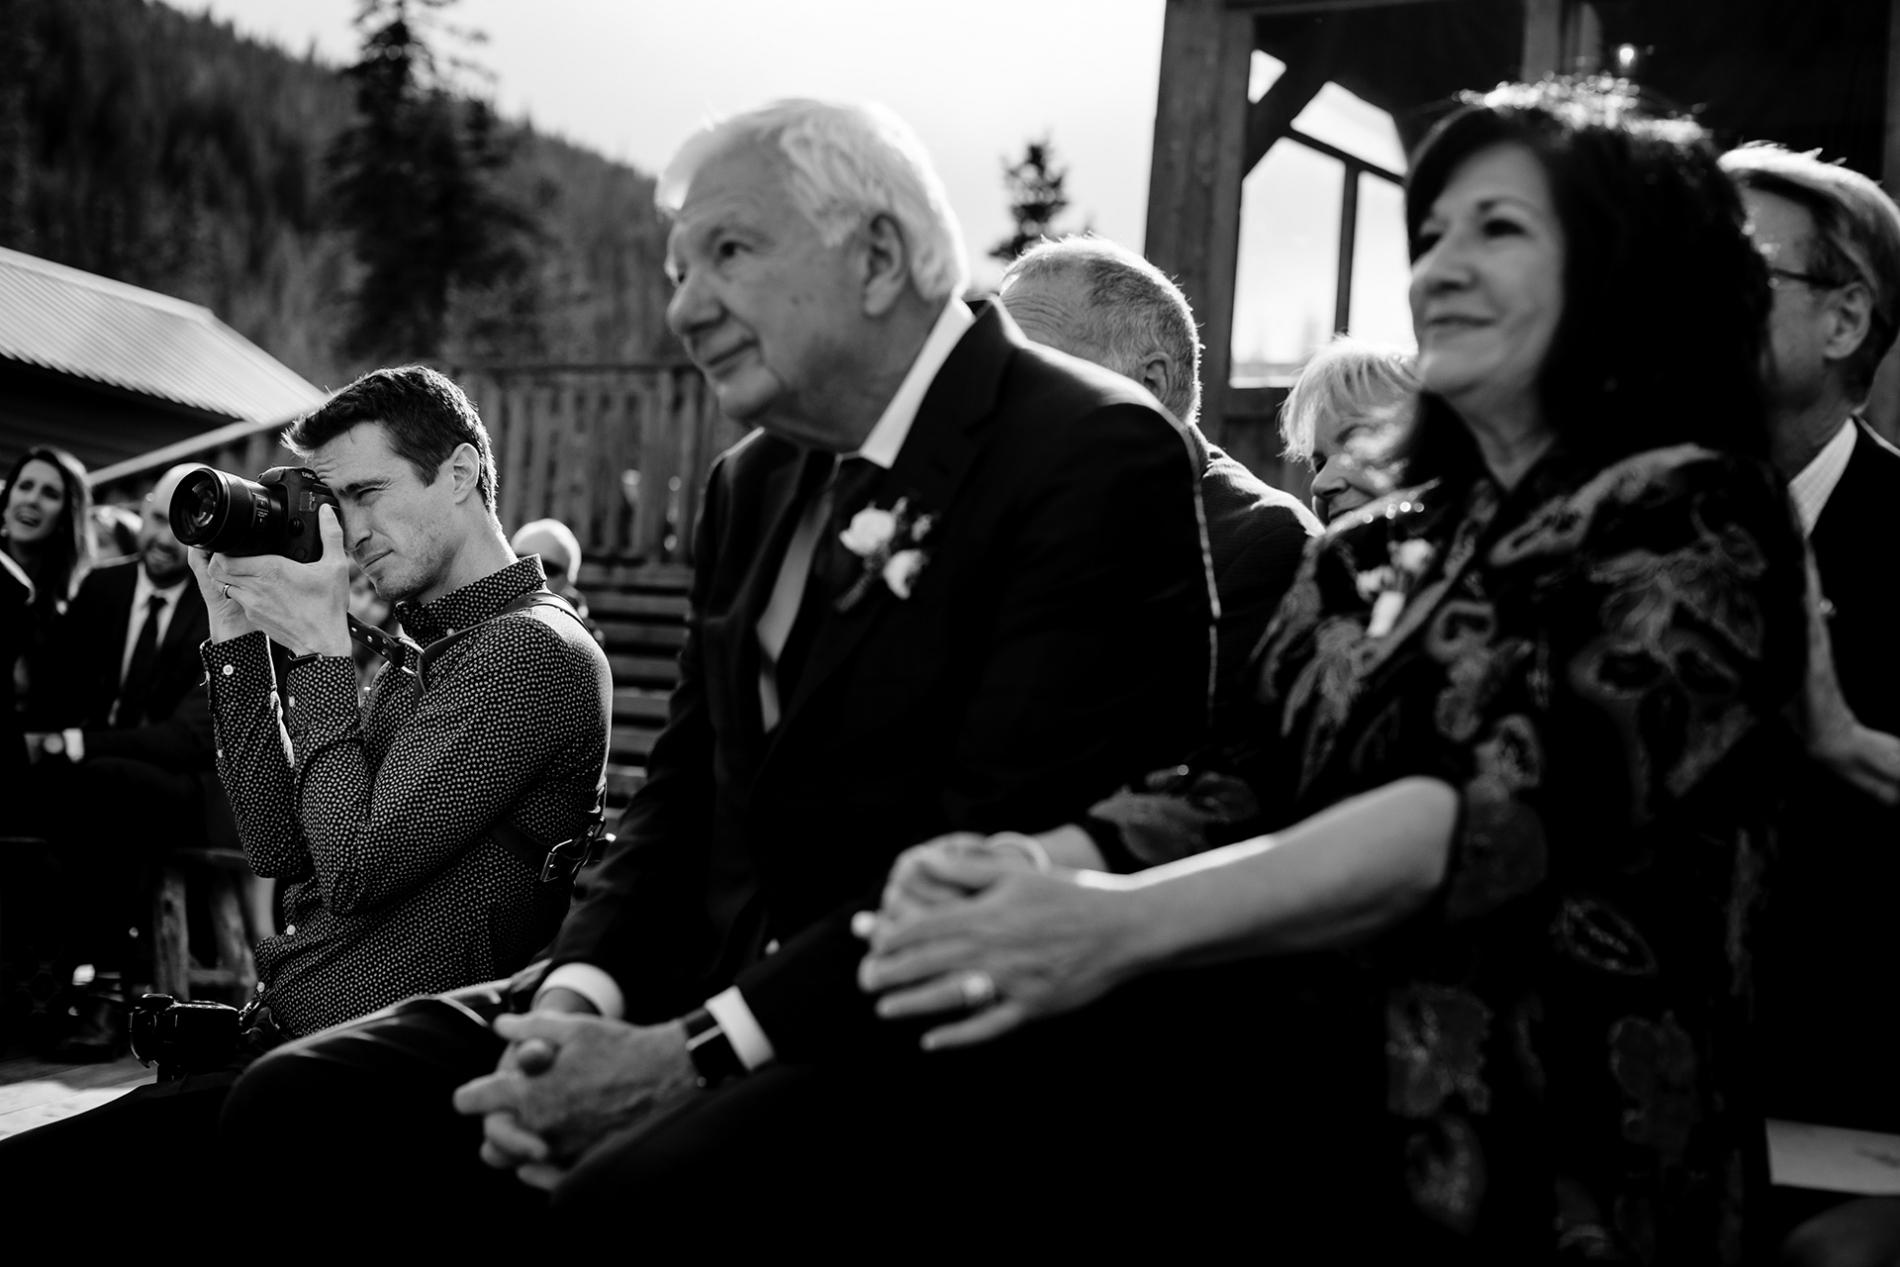 Silverthorne Outdoor-Zeremonie. Colorado-Hochzeitsfotograf, der Bilder schafft.